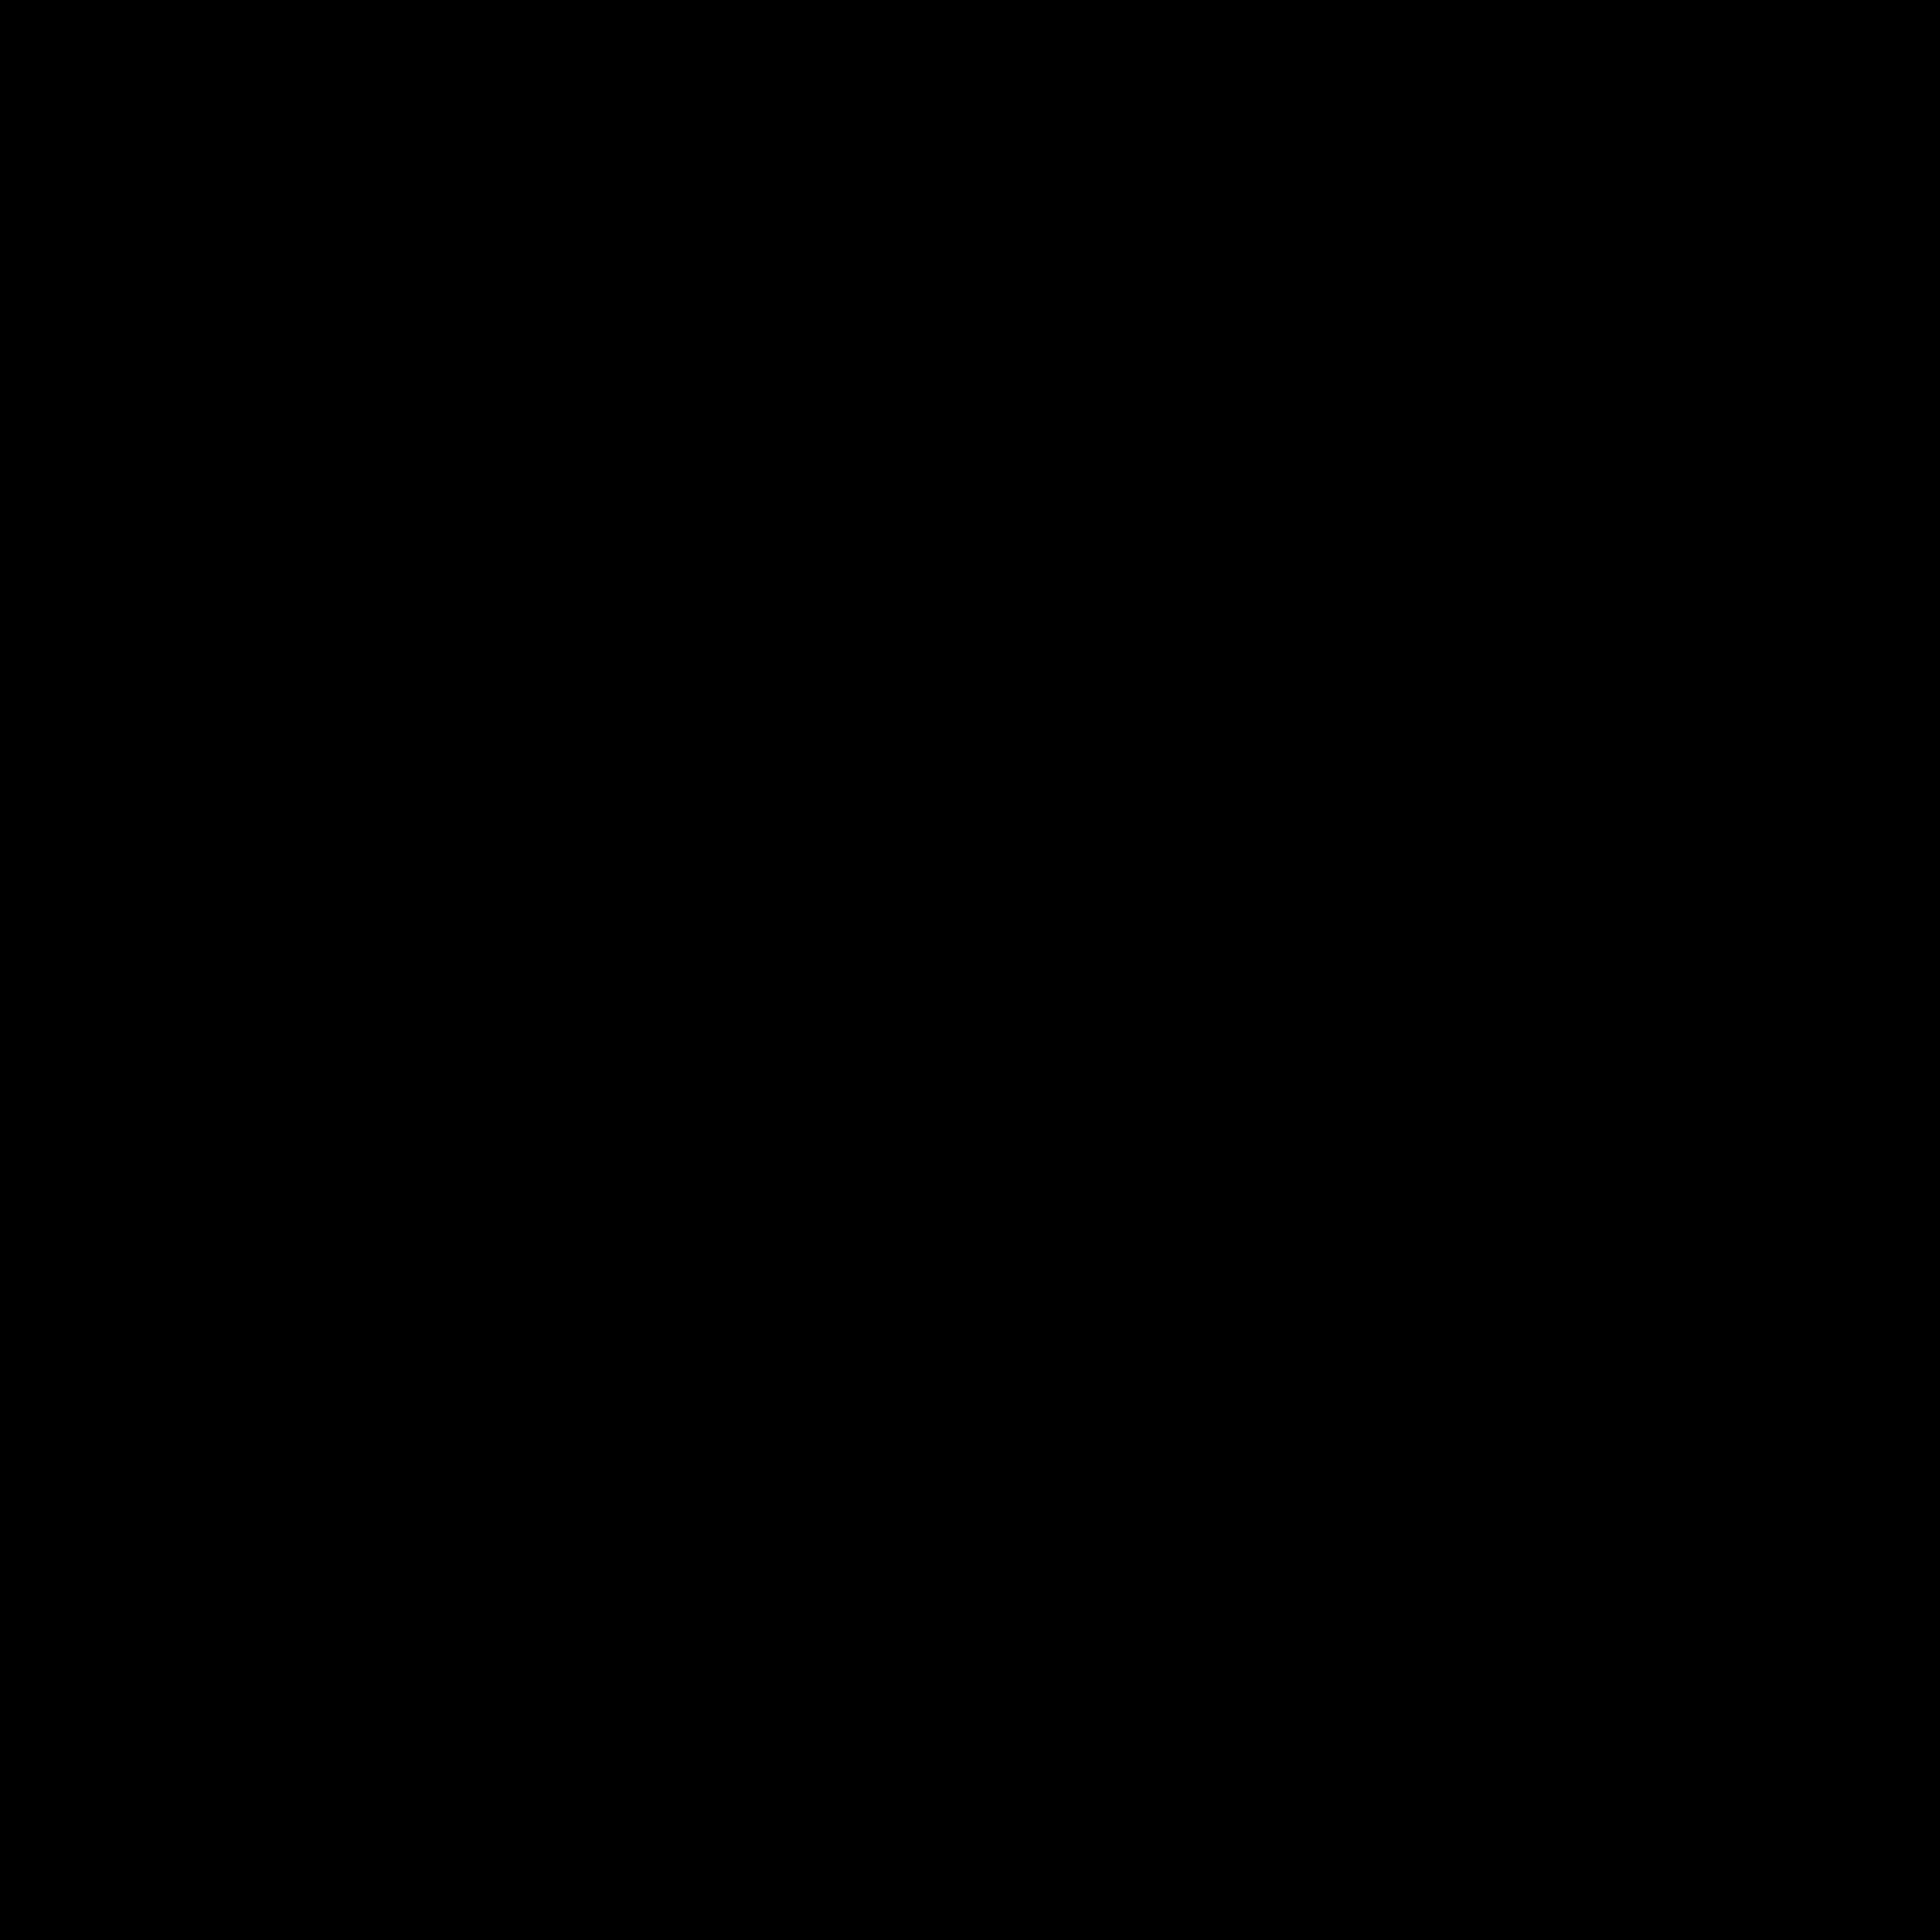 Symbol für die Stopphand